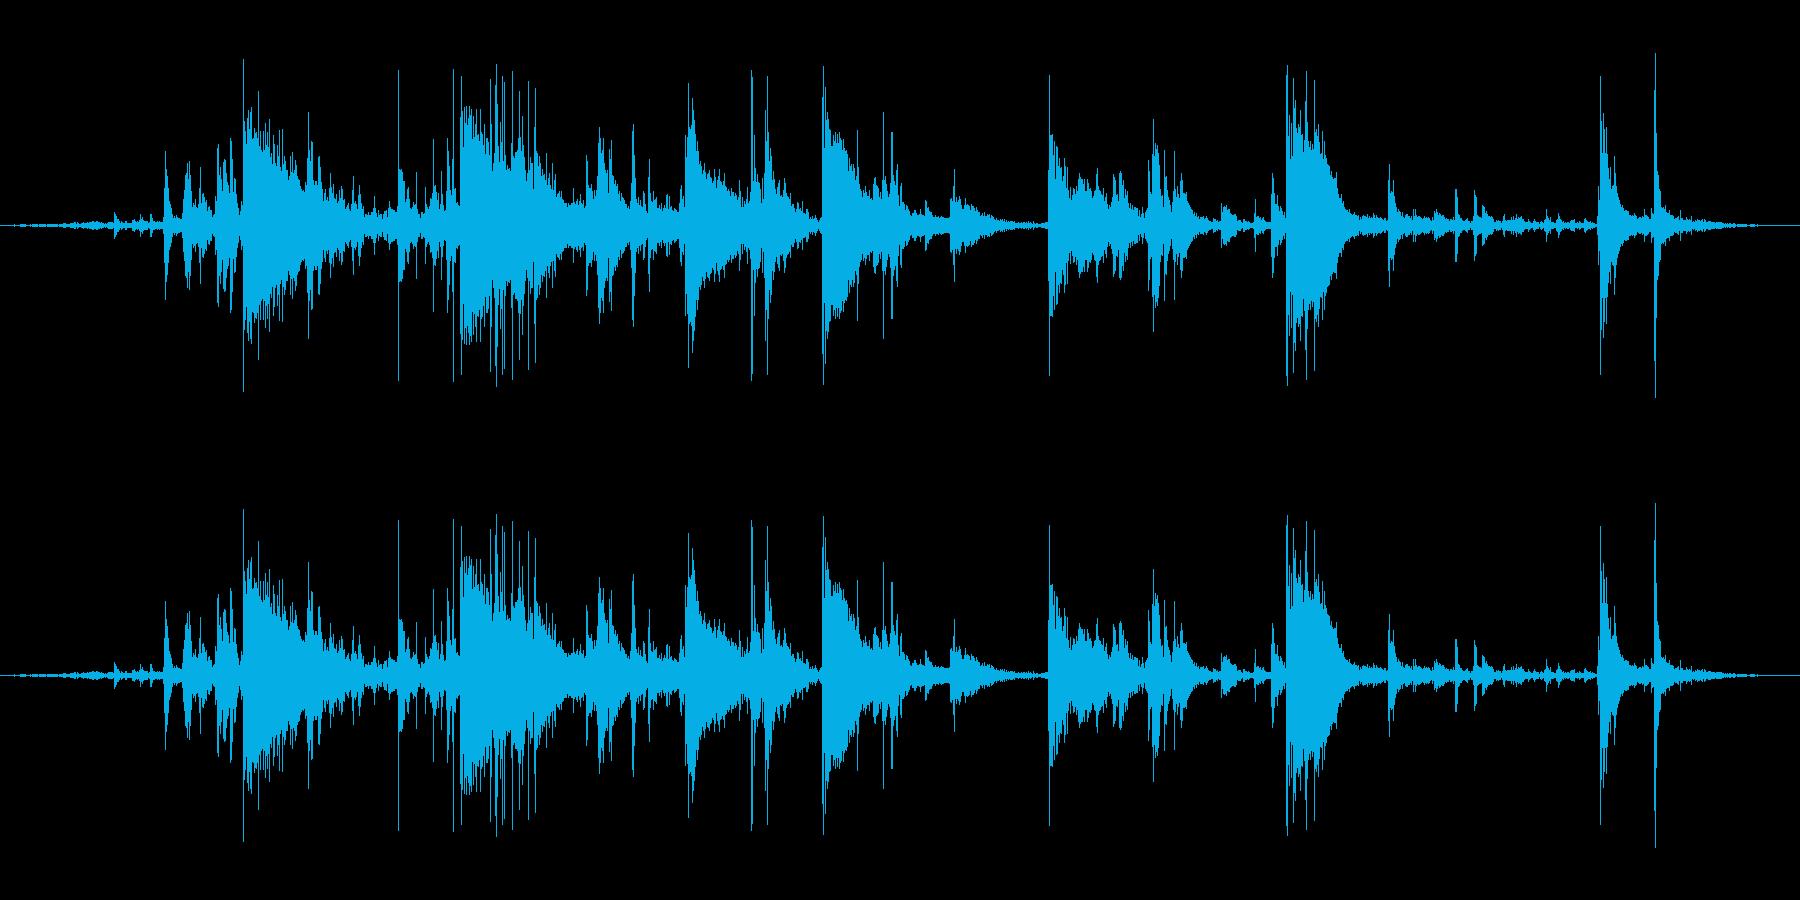 氷を入れる音(カランカラン、チンチロリンの再生済みの波形